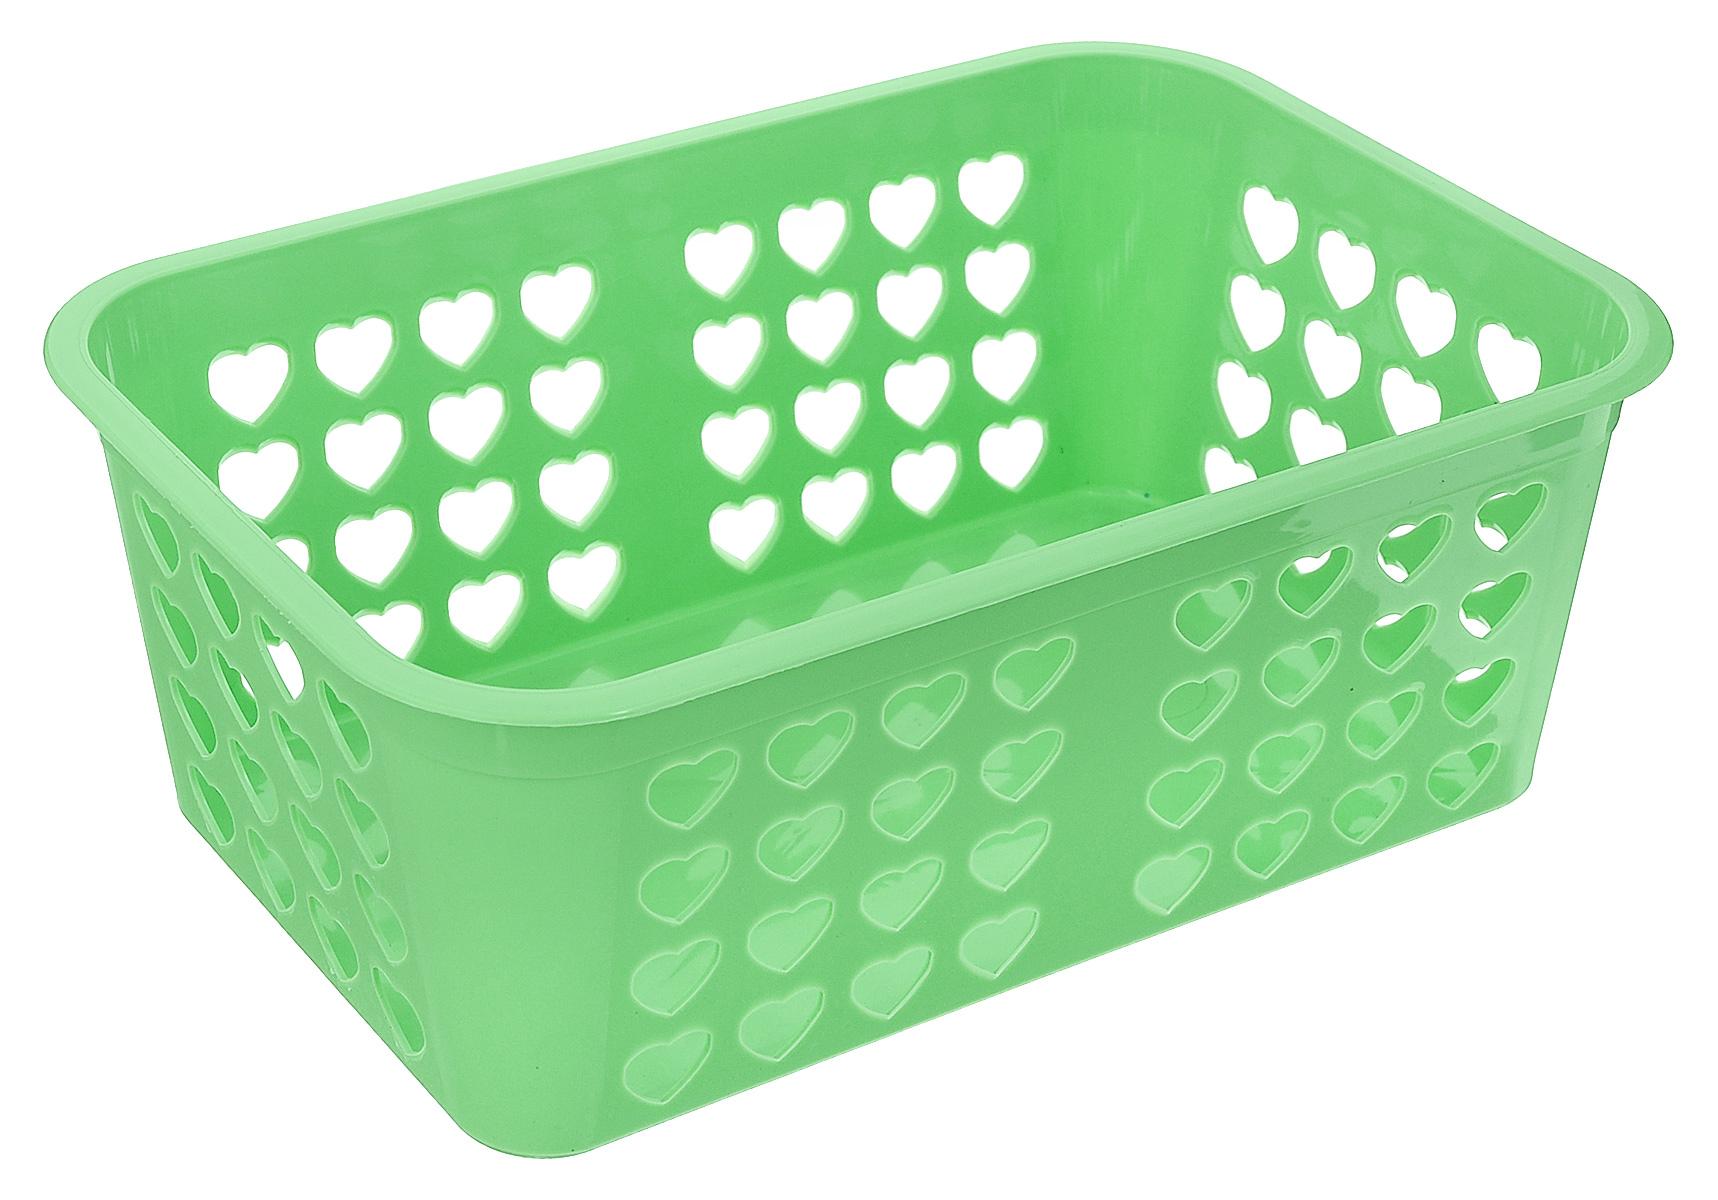 Корзина для хранения Альтернатива Вдохновение, цвет: салатовый, 26,5 х 16,5 х 10 смTD 0033Прямоугольная корзина Альтернатива Вдохновение, изготовленная из пластика, предназначена для хранения мелочей в ванной, на кухне, даче или гараже. Корзина со сплошным дном, оснащена перфорированными стенками.Элегантный выдержанный дизайн позволяет органично вписаться в ваш интерьер и стать его элементом.